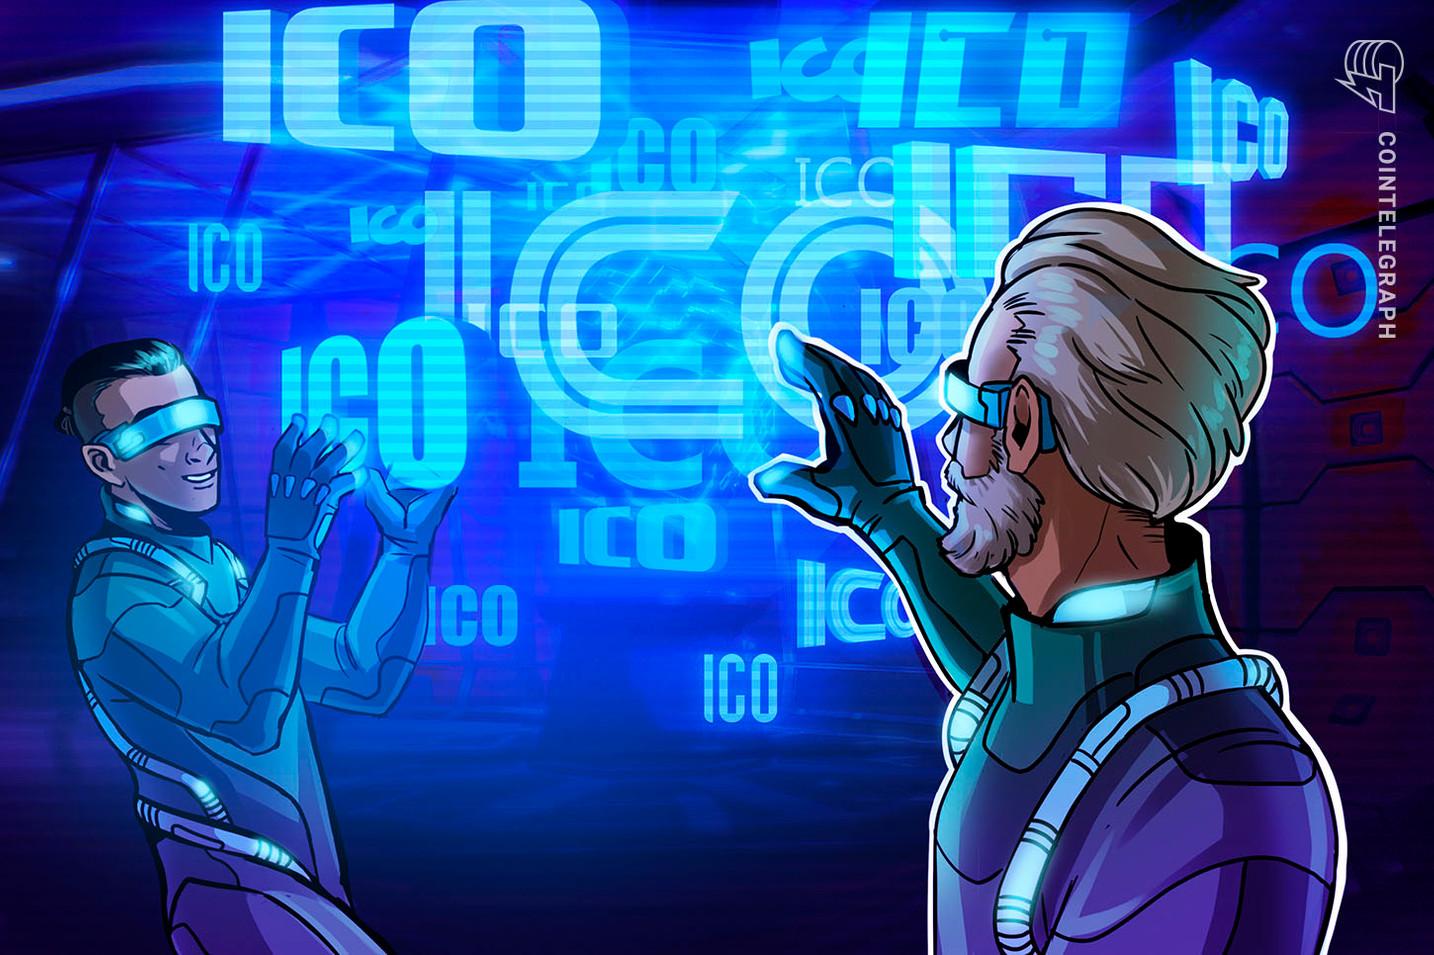 Investigación: el mercado de ICO bajó casi un 100% respecto al año anterior, recaudó USD 40 millones en el primer trimestre del 2019